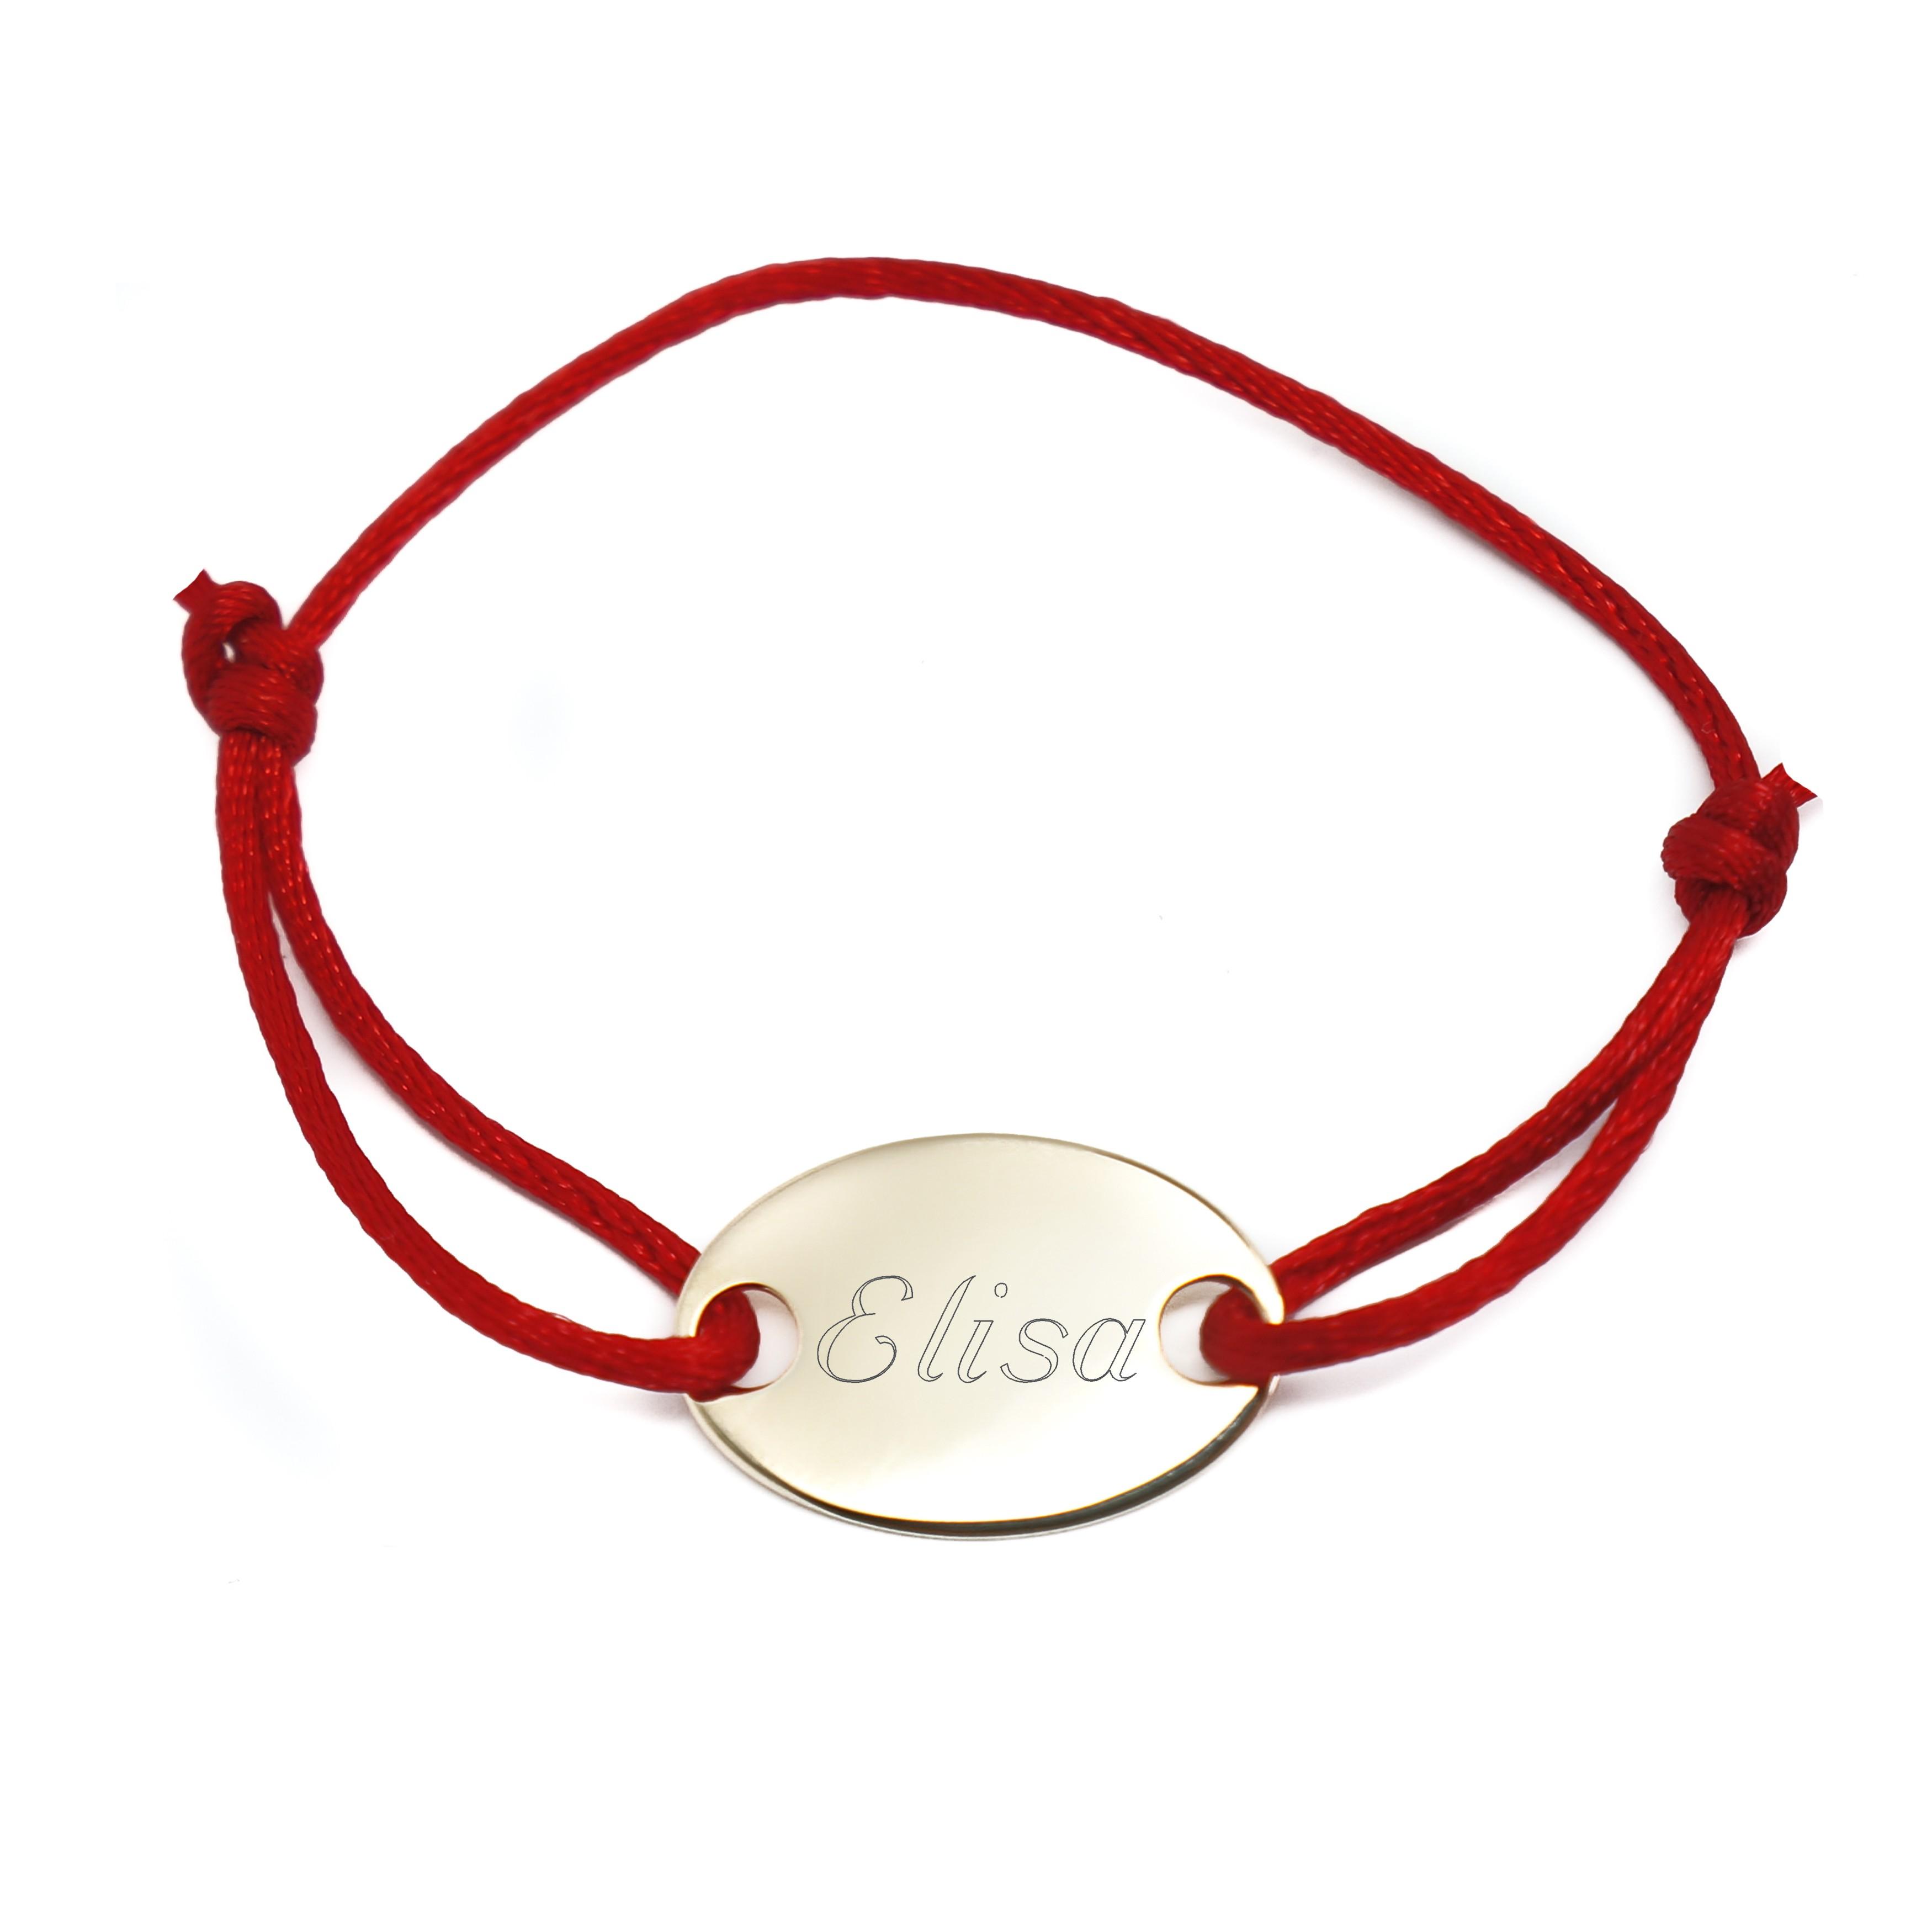 Argent Bracelet PrénomDessinEmpreinte Médaille Cordon Personnalisé yv8wN0Omn